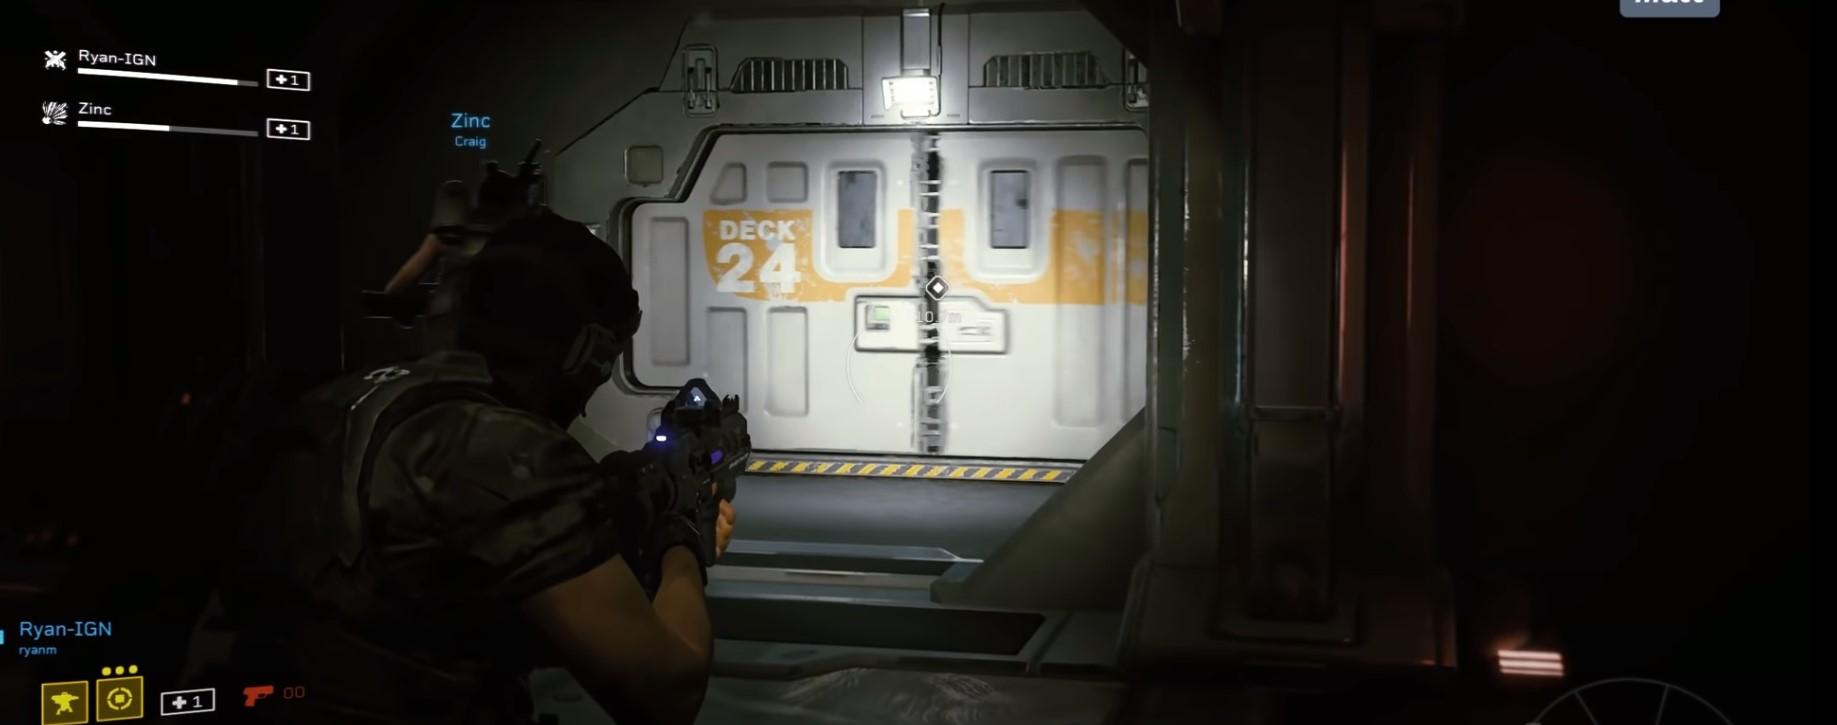 Появилось видео геймплея кооперативного шутера Aliens: Fireteam